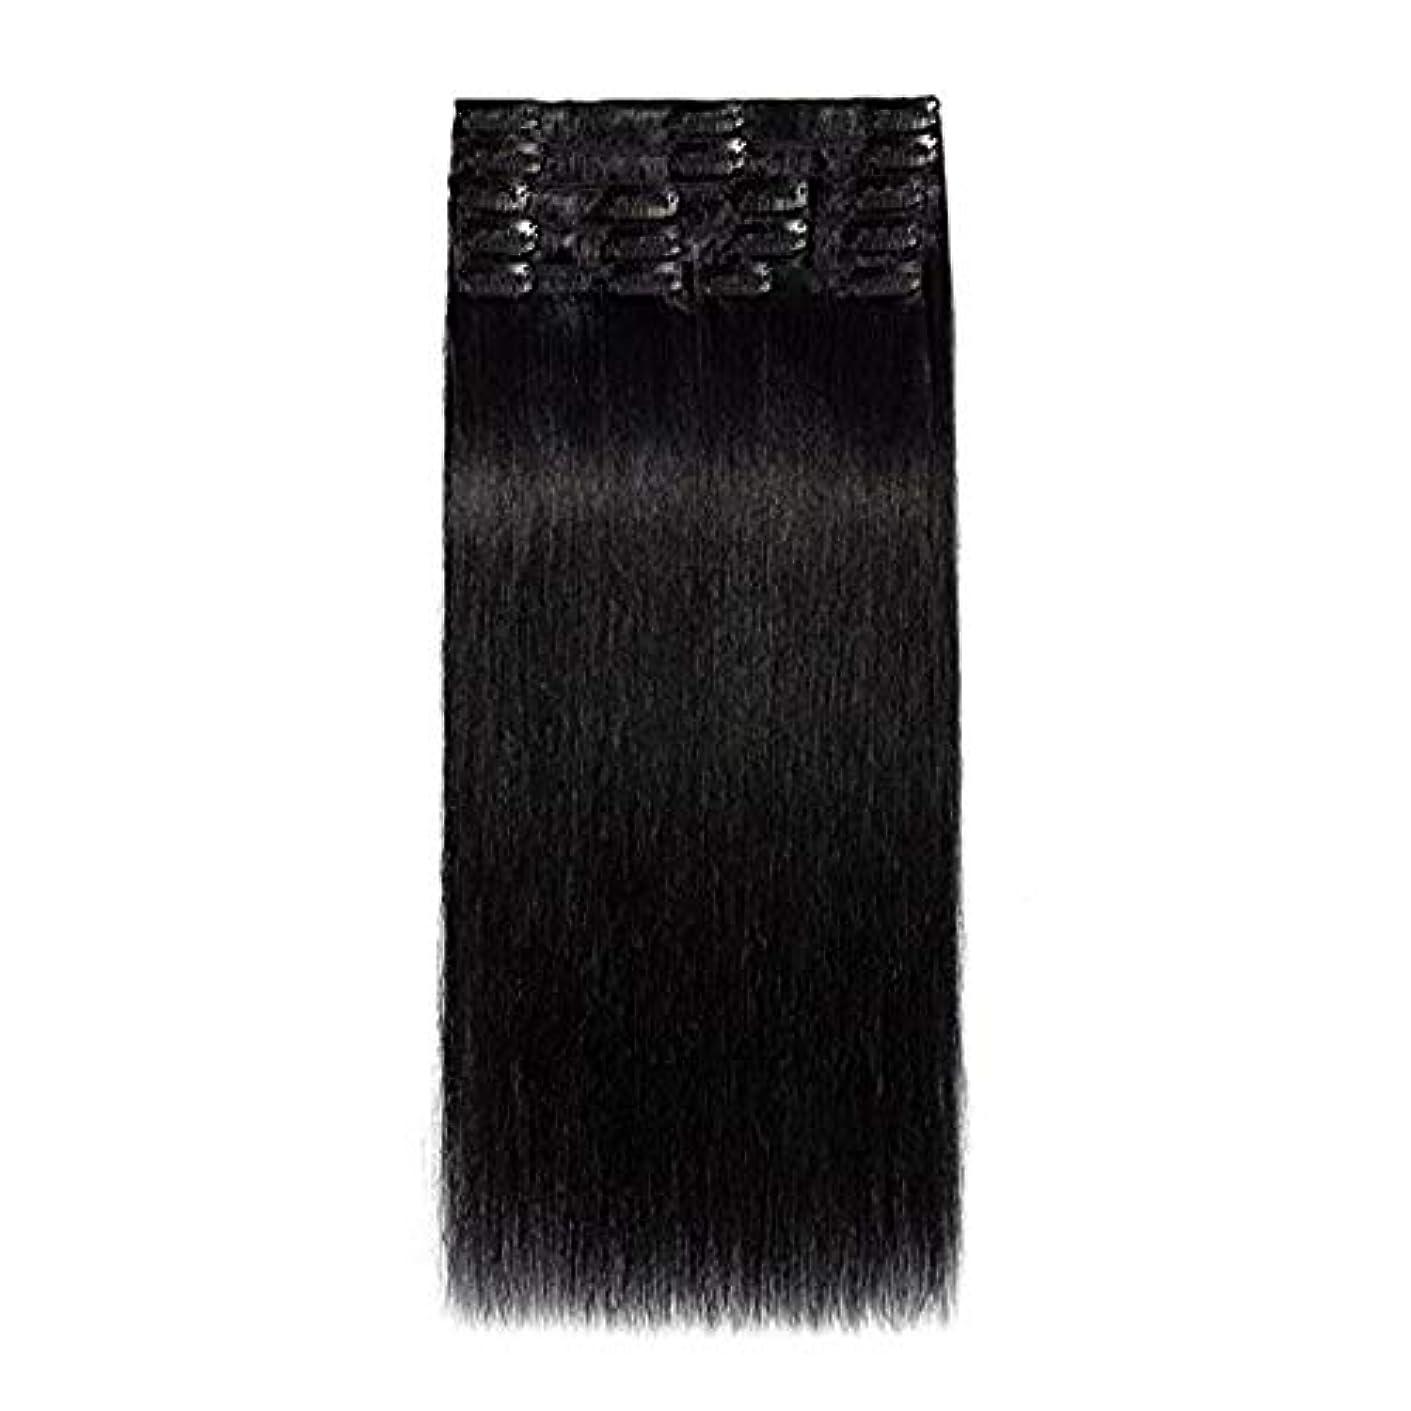 限られた寝具下向きWASAIO 人間のレミーヘアエクステンションクリップUnseamed髪型標準横糸クリップ - 8個のフルヘッドUnbowed 10「-28」 (色 : 黒, サイズ : 20 inch)